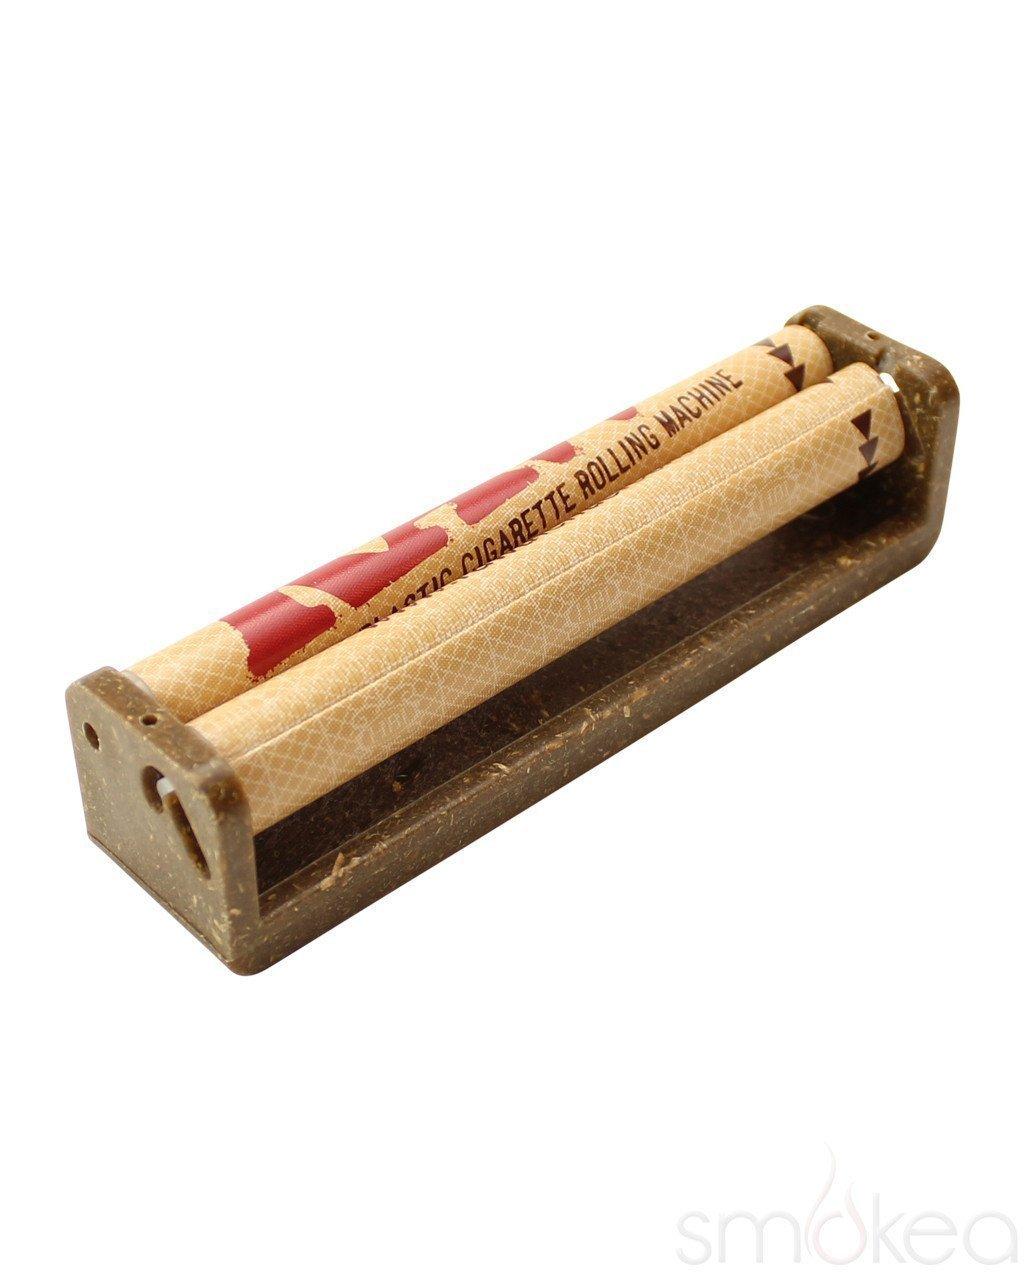 raw-rolling-accessories-raw-hemp-plastic-110mm-rolling-machine-21333825153.jpg